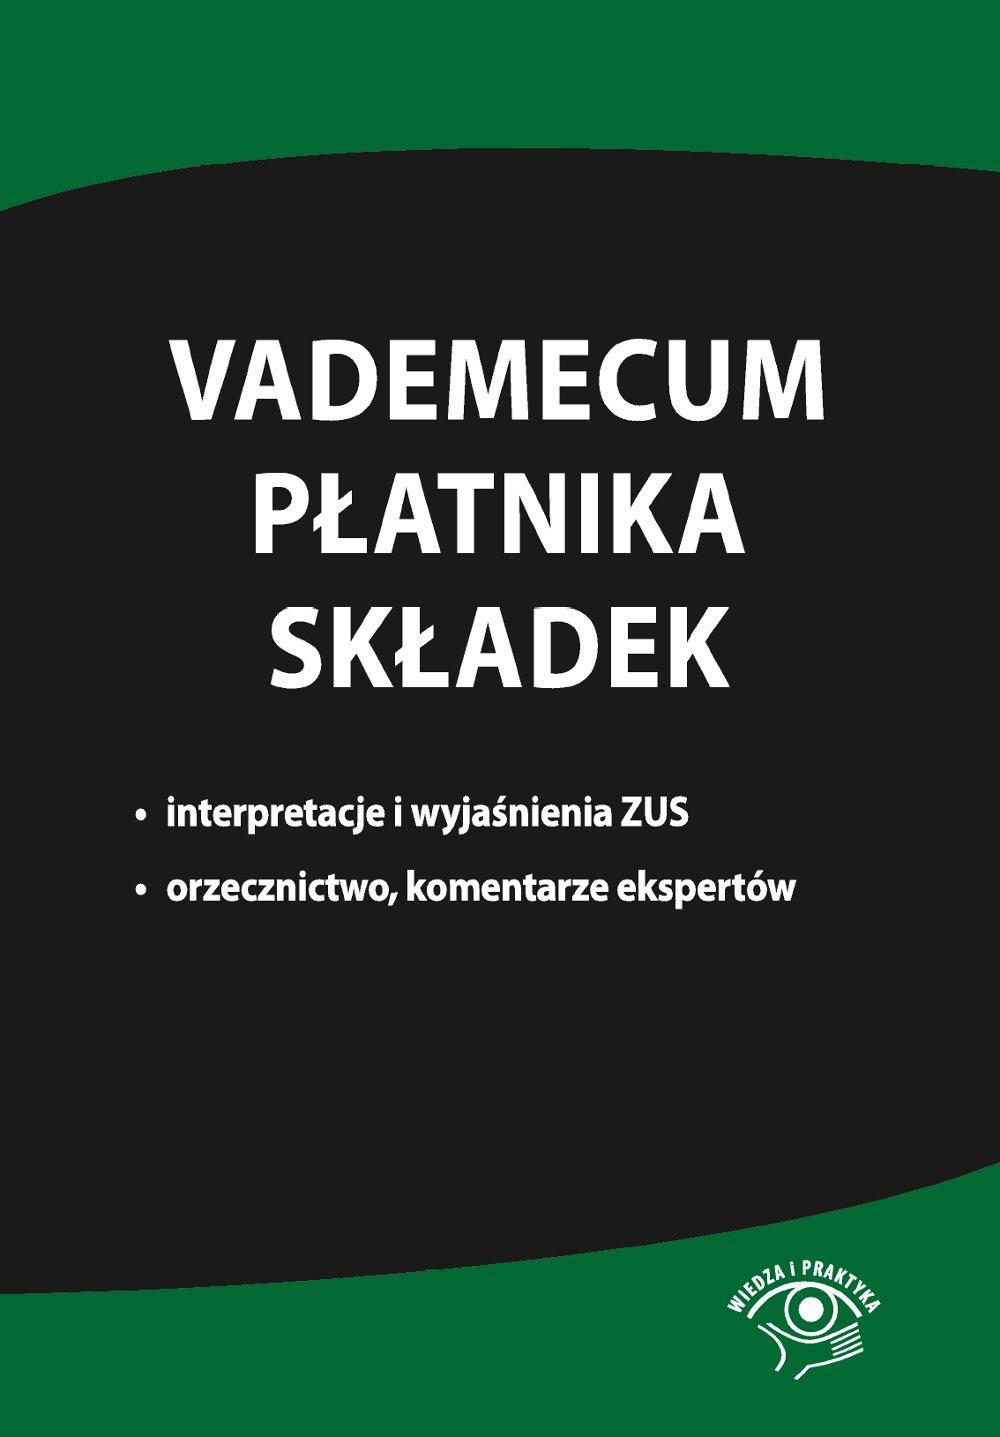 Vademecum płatnika składek. Interpretacje i wyjaśnienia ZUS, orzecznictwo, komentarze ekspertów - Ebook (Książka na Kindle) do pobrania w formacie MOBI